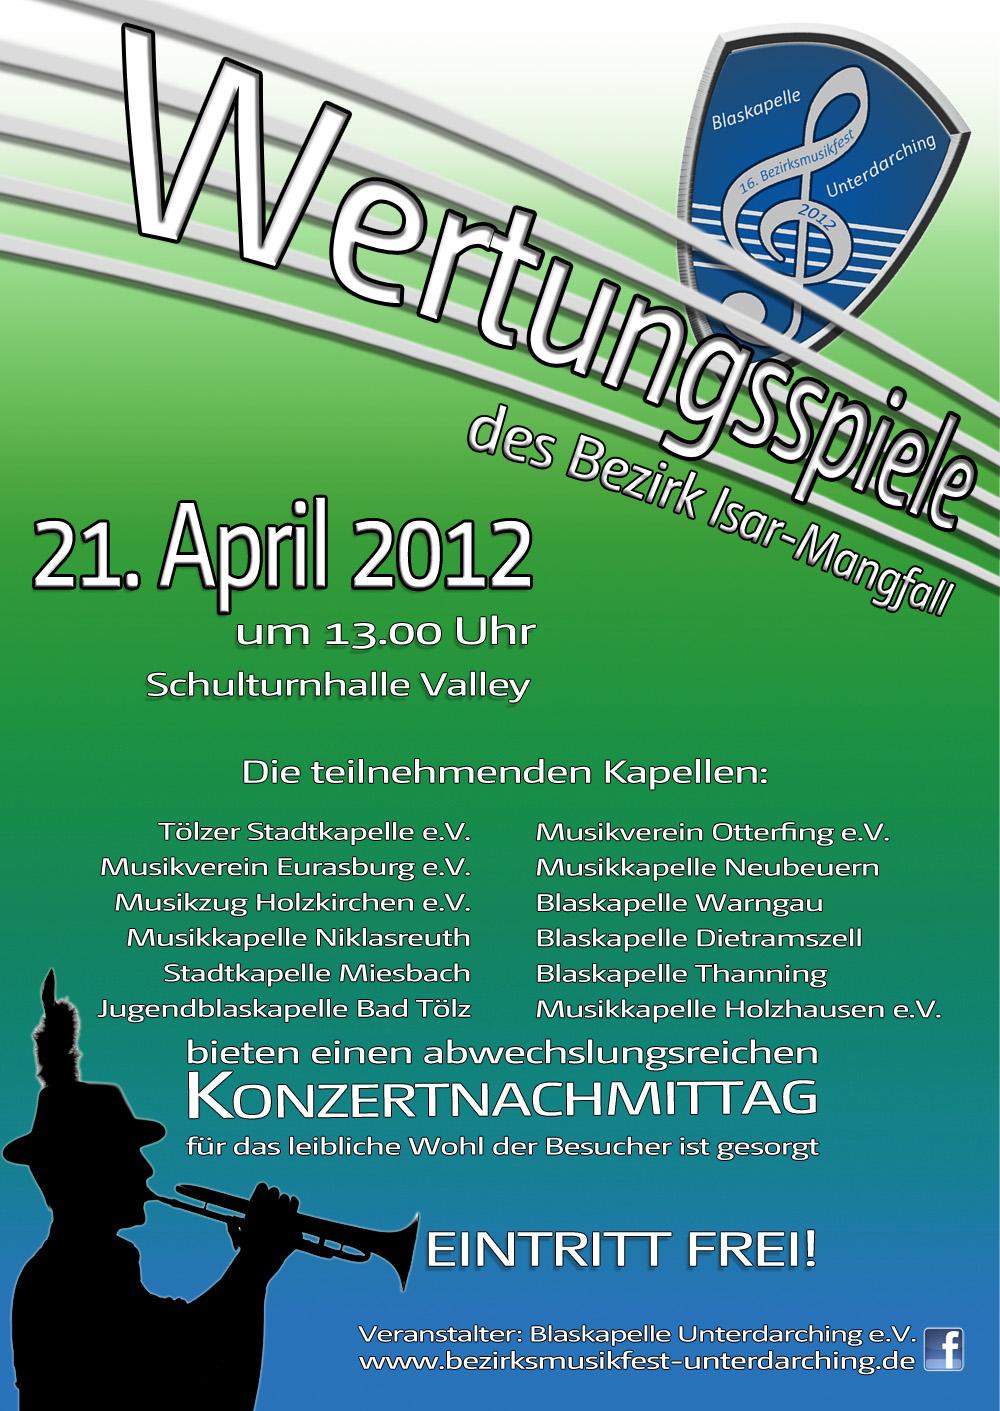 Wertungsspiele des 16. Bezirksmusikfestes Unterdarching 2012